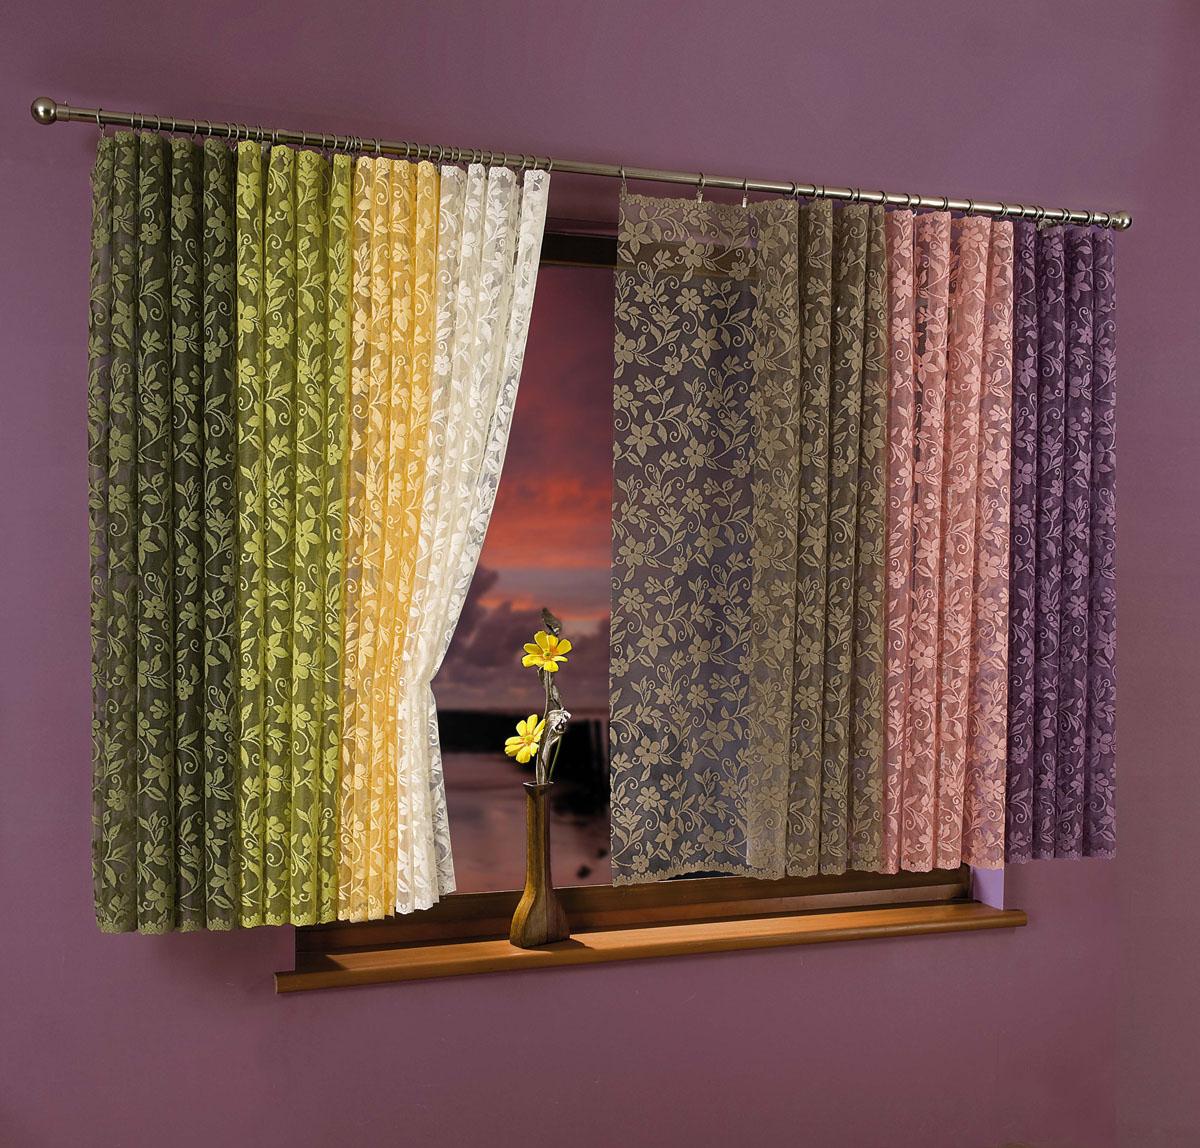 Гардина-тюль Kwiat Jabloni, на ленте, цвет: коричневый, высота 250 см734856Воздушная гардина-тюль Kwiat Jabloni, изготовленная из полиэстера коричневого цвета, станет великолепным украшением любого окна. Тонкое плетение, оригинальный дизайн и приятная цветовая гамма привлекут к себе внимание и органично впишутся в интерьер комнаты. В гардину-тюль вшита шторная лента. Характеристики: Материал: 100% полиэстер. Цвет: коричневый. Размер упаковки: 27 см х 36 см х 3 см. Артикул: 734856. В комплект входит: Гардина-тюль - 1 шт. Размер (Ш х В): 150 см х 250 см. Фирма Wisan на польском рынке существует уже более пятидесяти лет и является одной из лучших польских фабрик по производству штор и тканей. Ассортимент фирмы представлен готовыми комплектами штор для гостиной, детской, кухни, а также текстилем для кухни (скатерти, салфетки, дорожки, кухонные занавески). Модельный ряд отличает оригинальный дизайн, высокое качество. Ассортимент продукции постоянно пополняется. УВАЖАЕМЫЕ КЛИЕНТЫ! ...